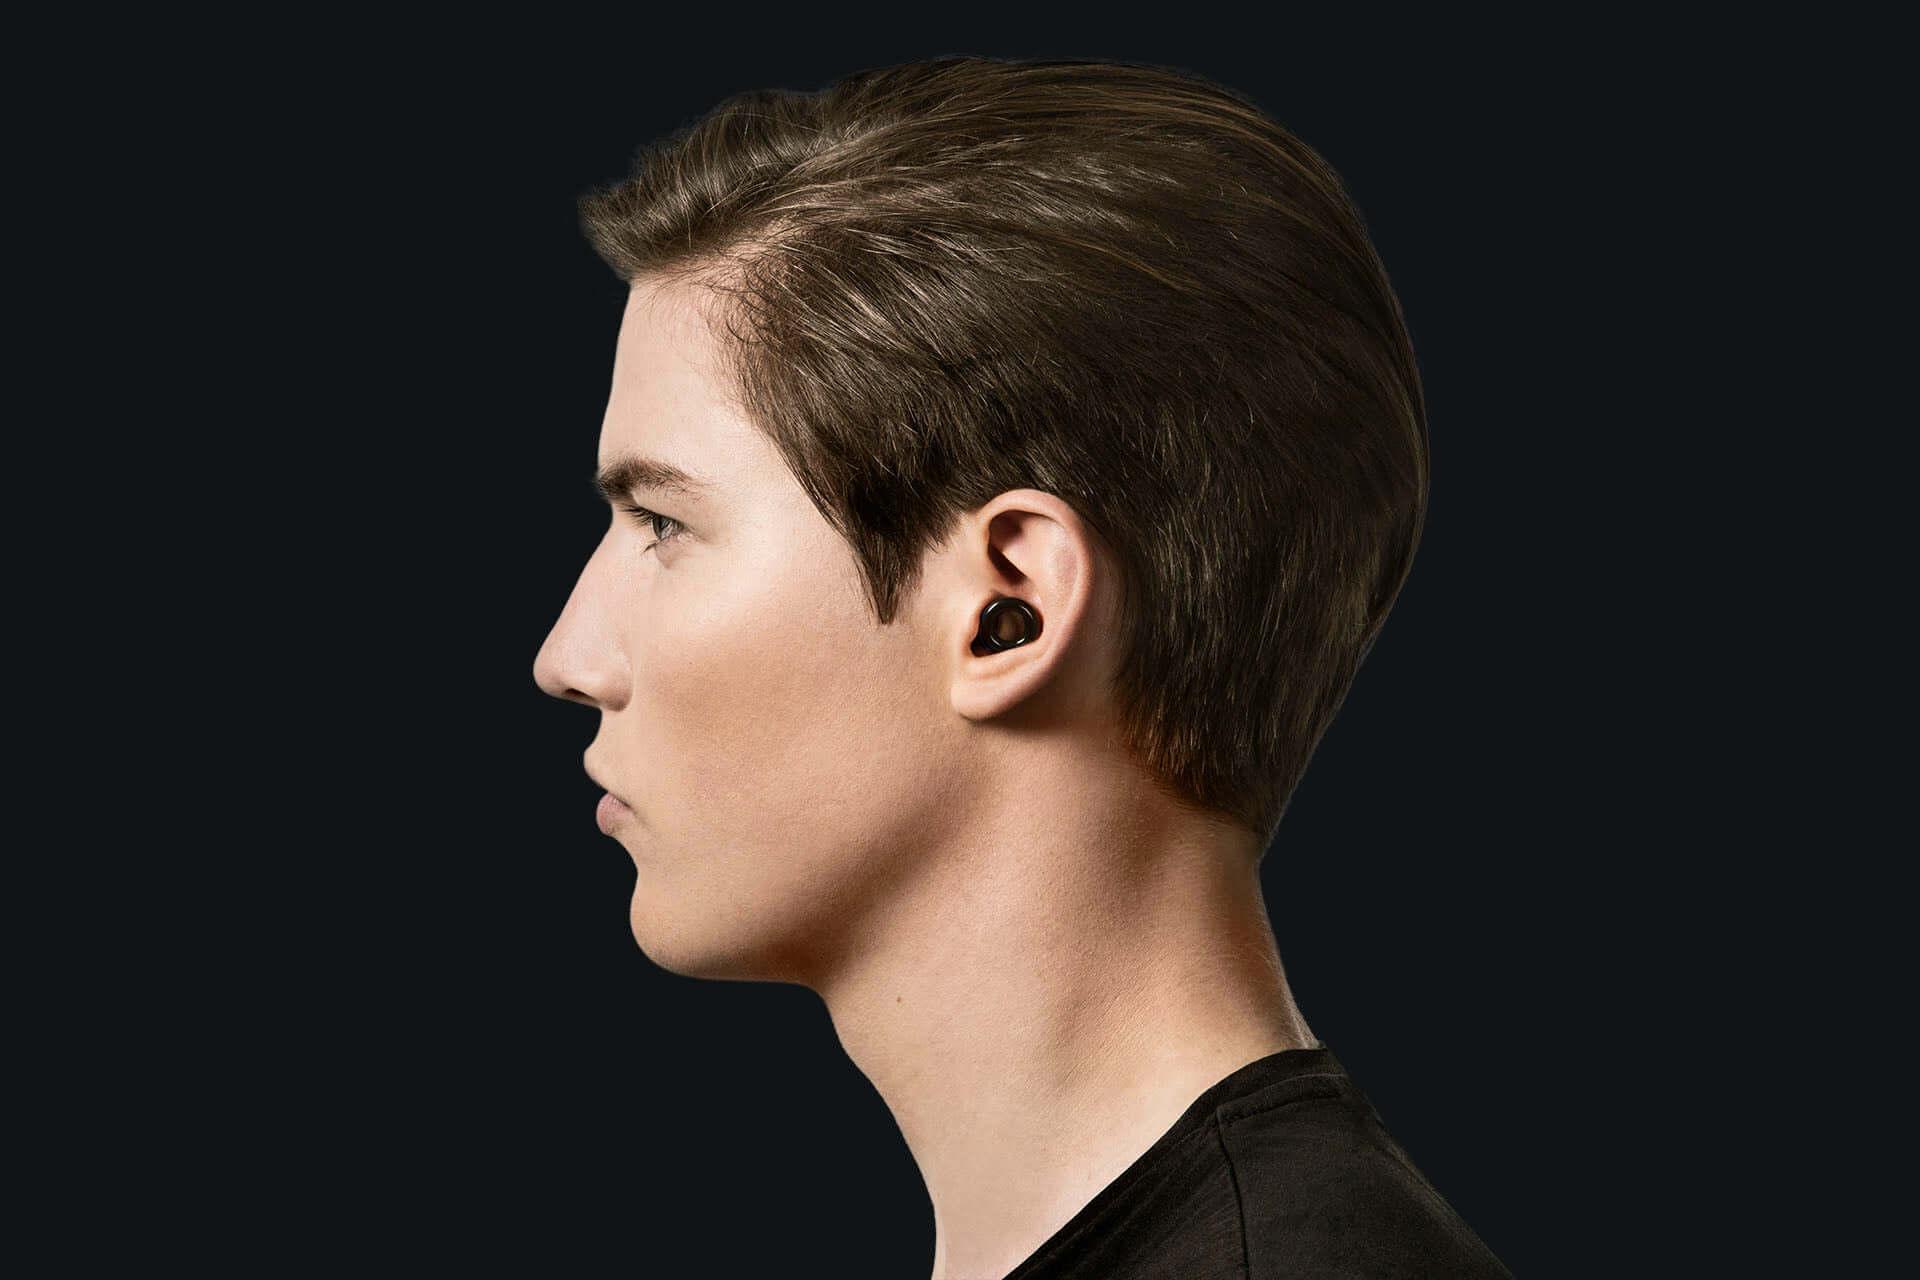 音楽を愛する全ての人の「耳」を守る、イヤリングのようなイヤープラグ『LOOP』が発売決定 tech191119_loop1-1920x1280